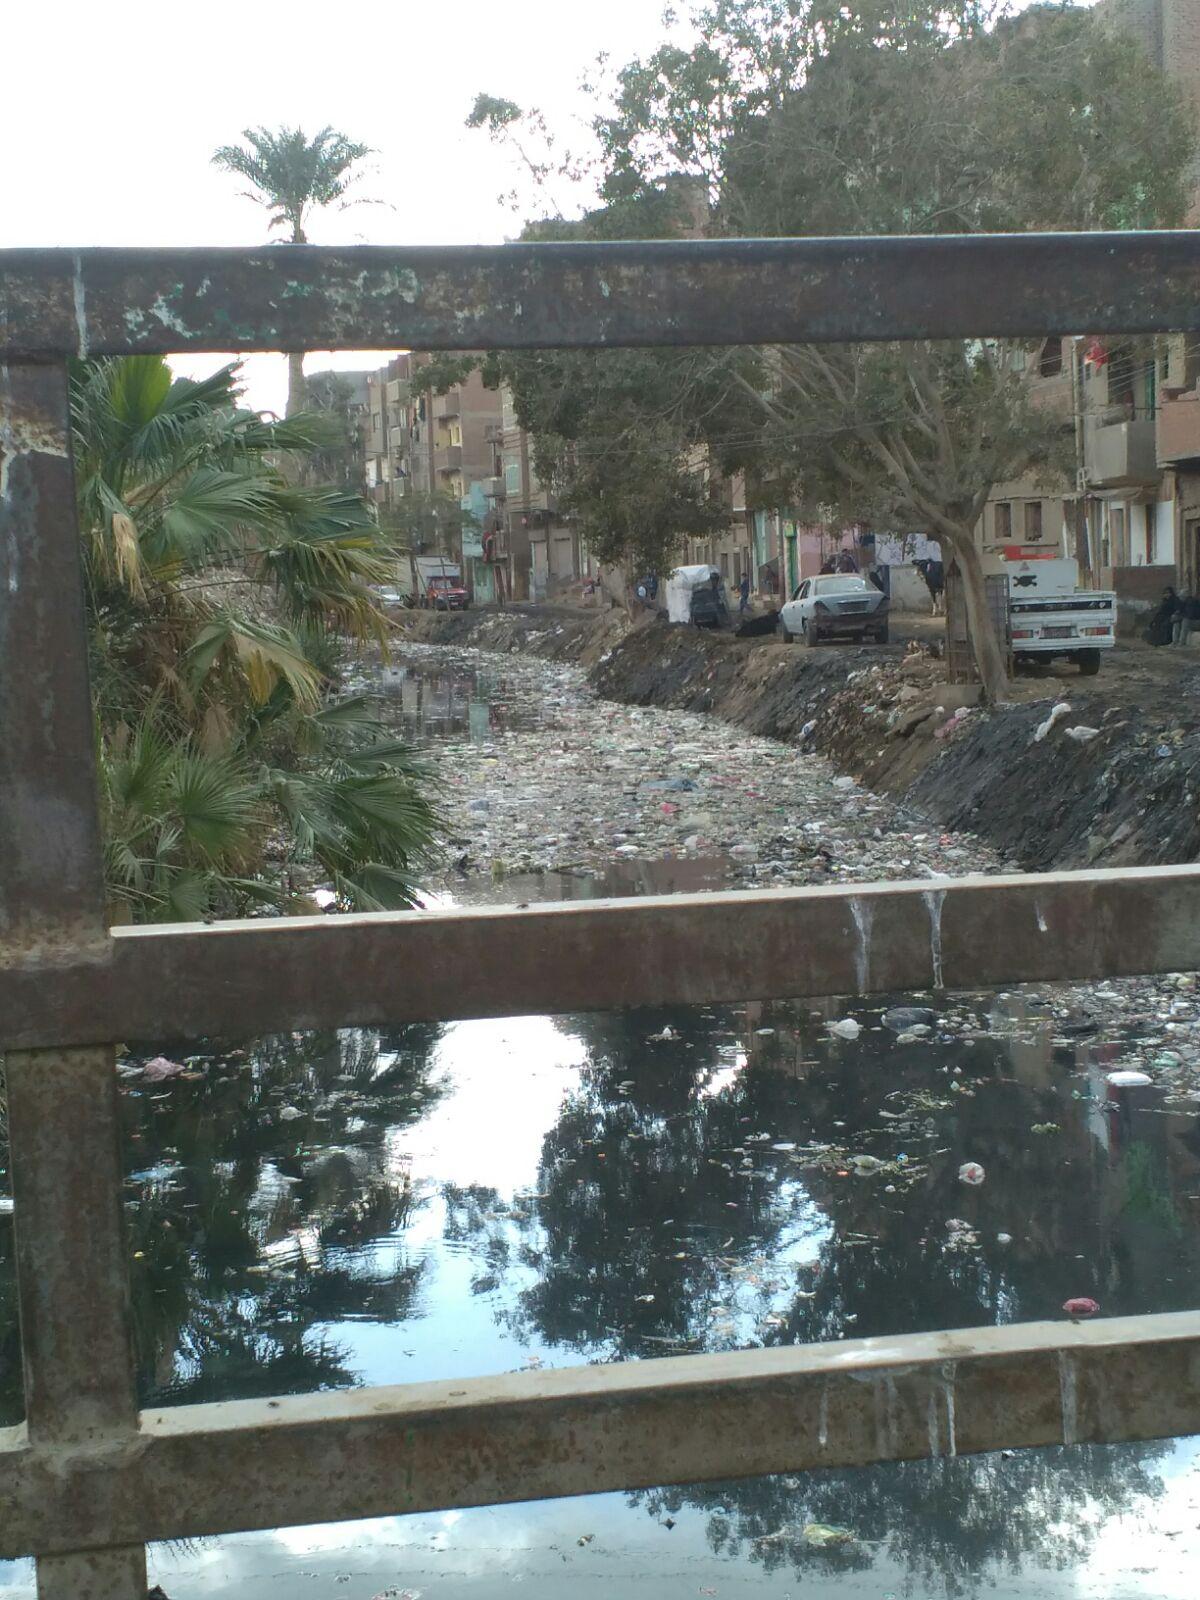 بالصور.. ترعة ملوثة بحي الصيفية بالفيوم تثير غضب المواطنين